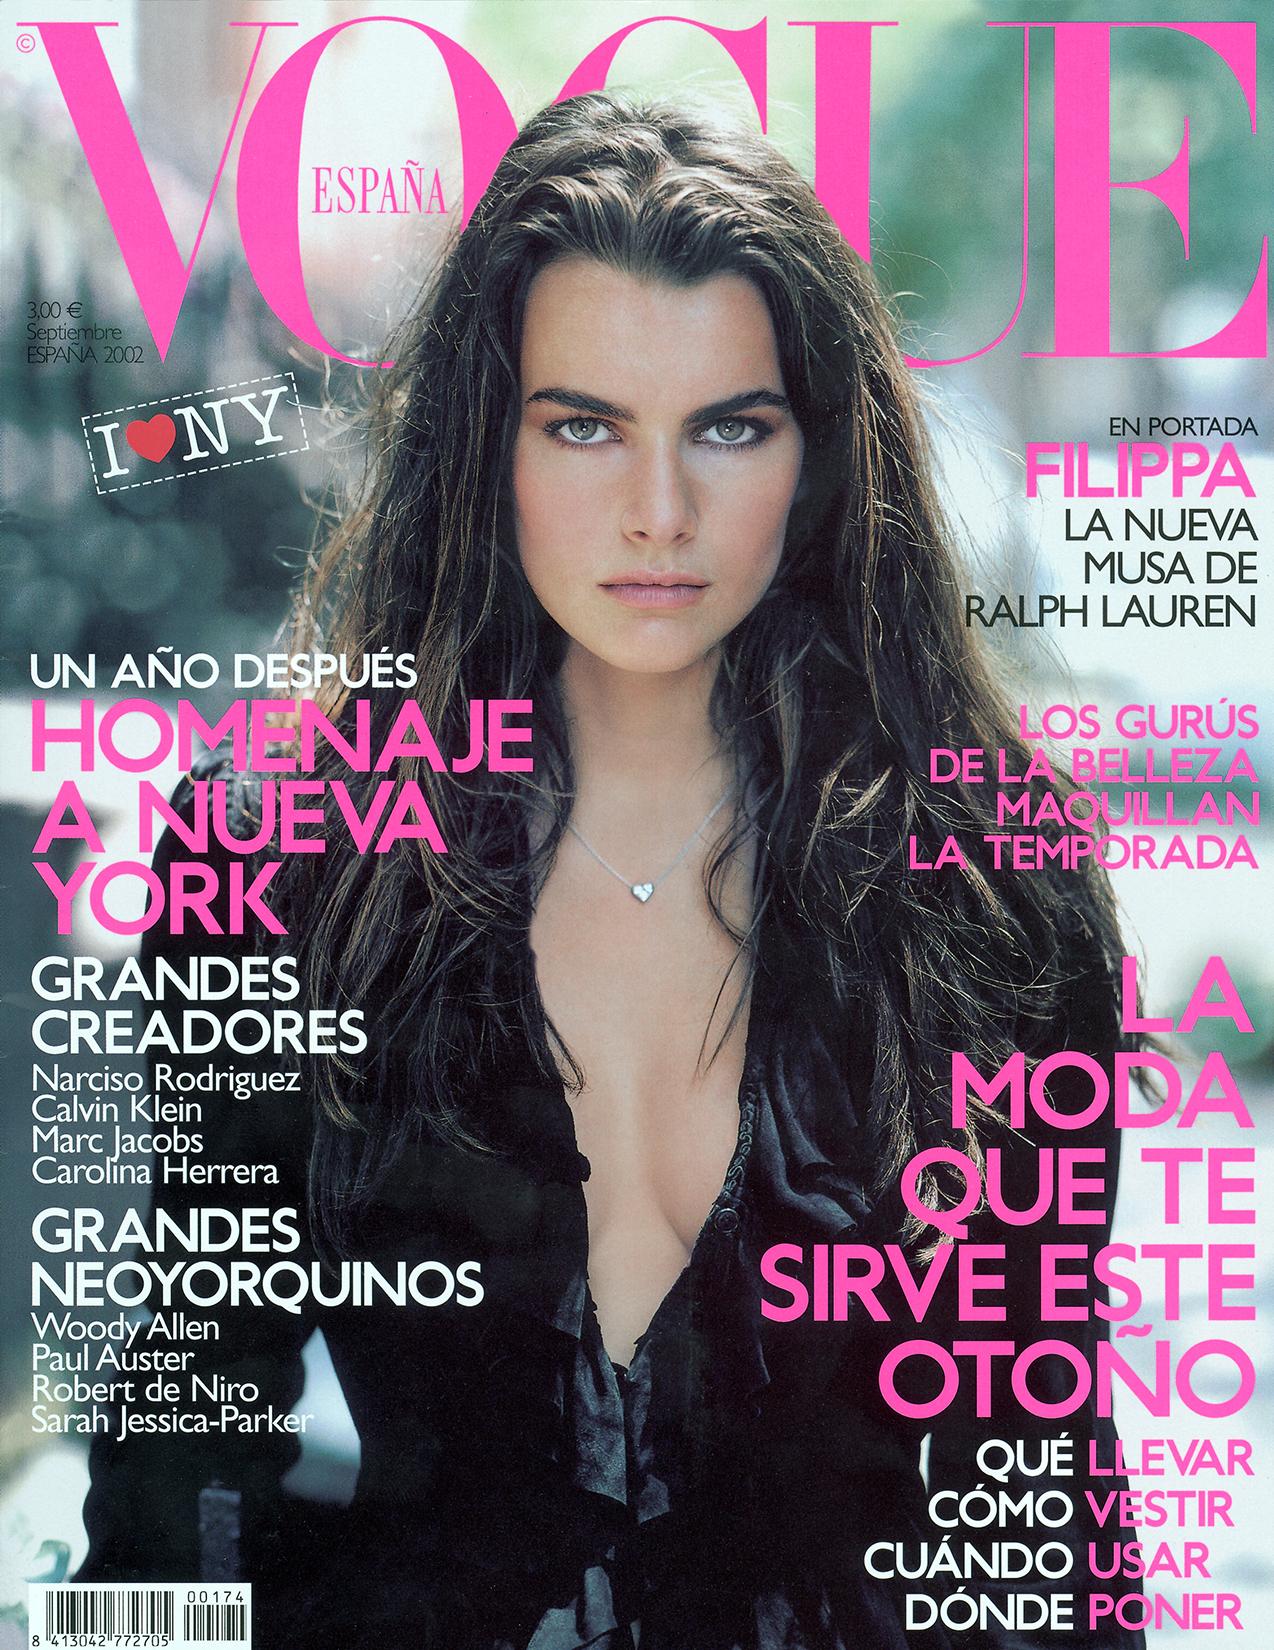 Vogue_esp1.jpg